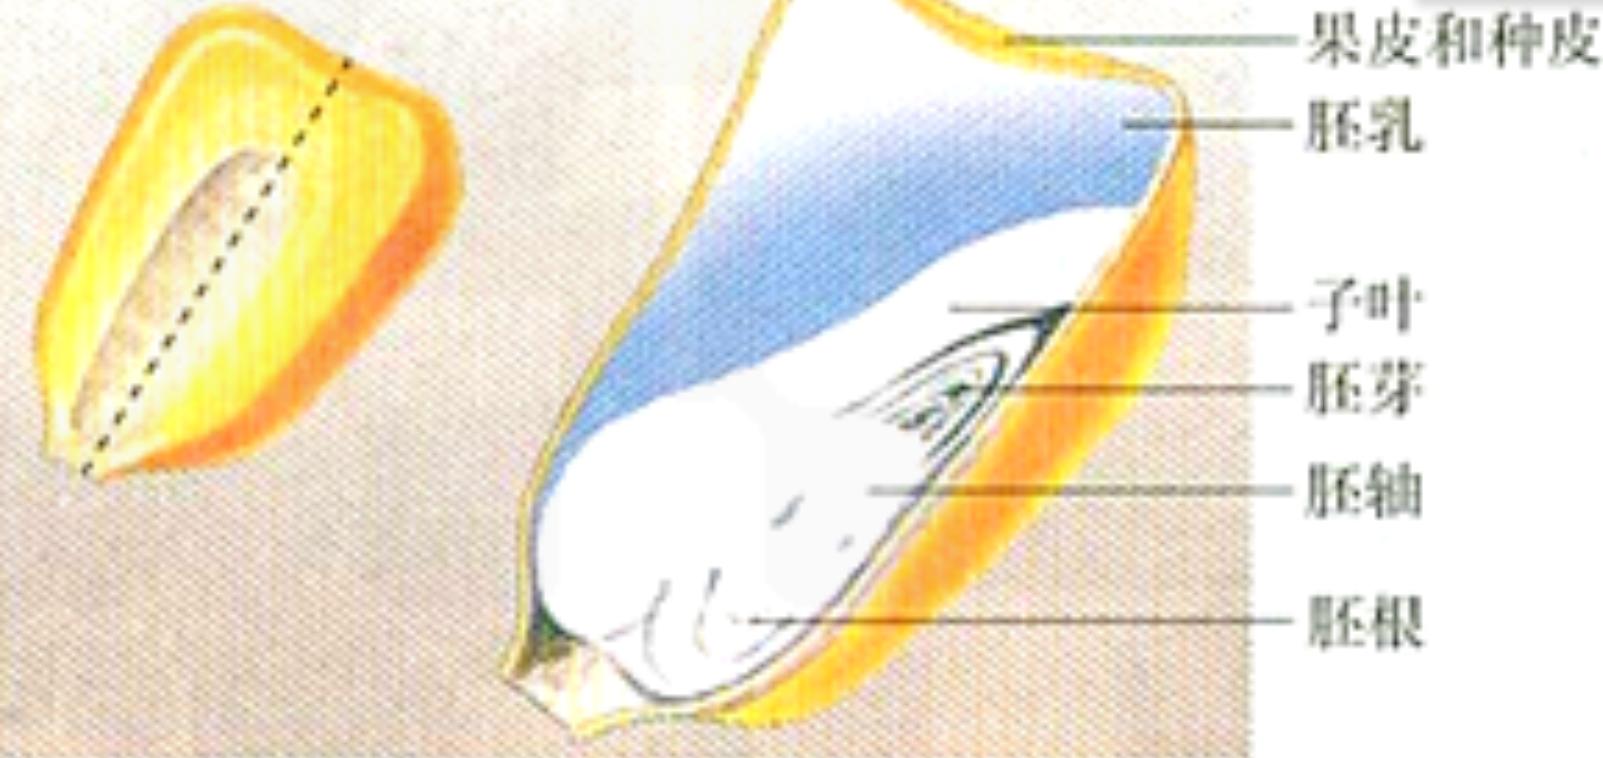 小小科学家:玉米粒变蓝了——淀粉遇碘液之后变成蓝色插图